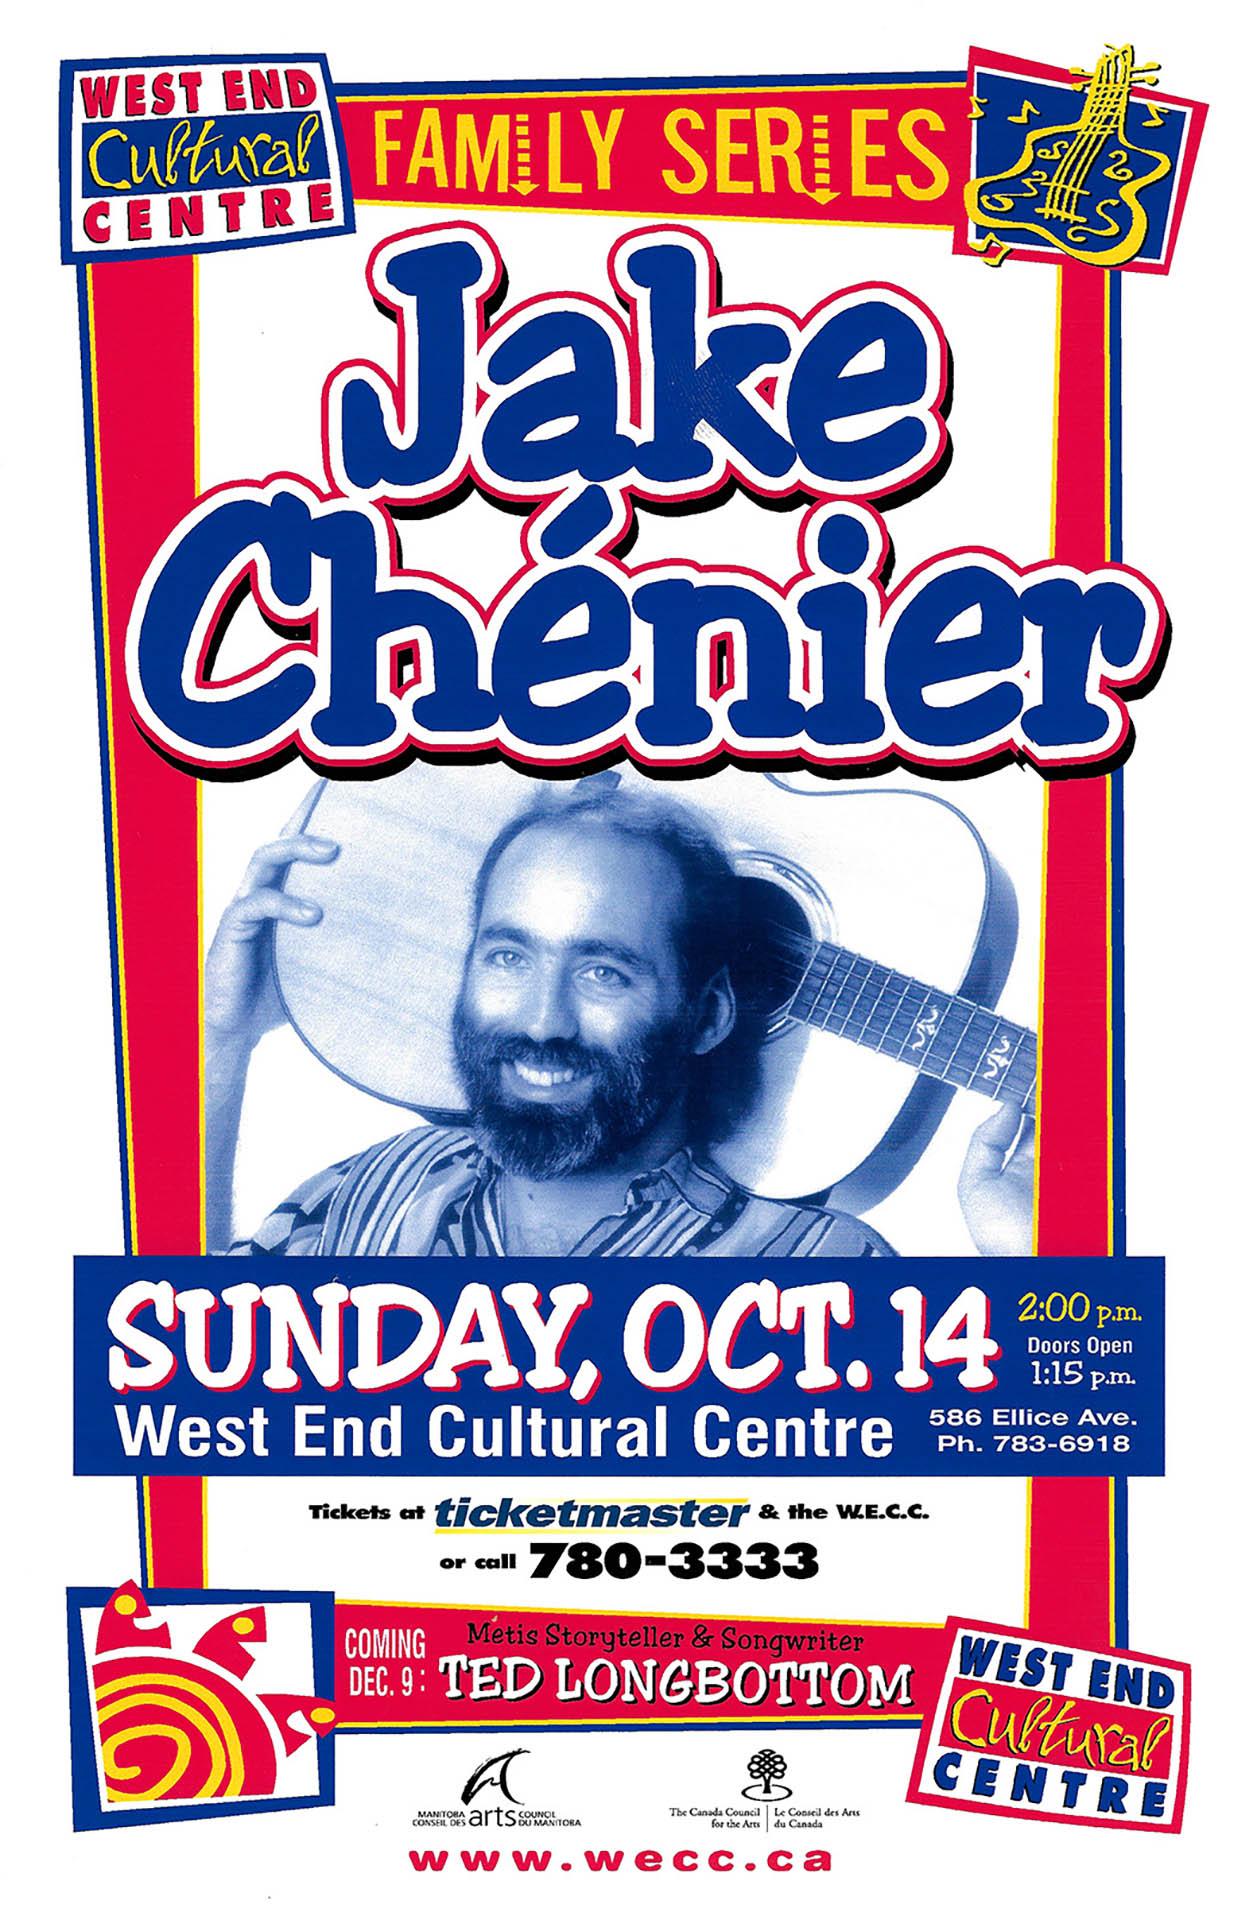 Jake Chenier - 2001